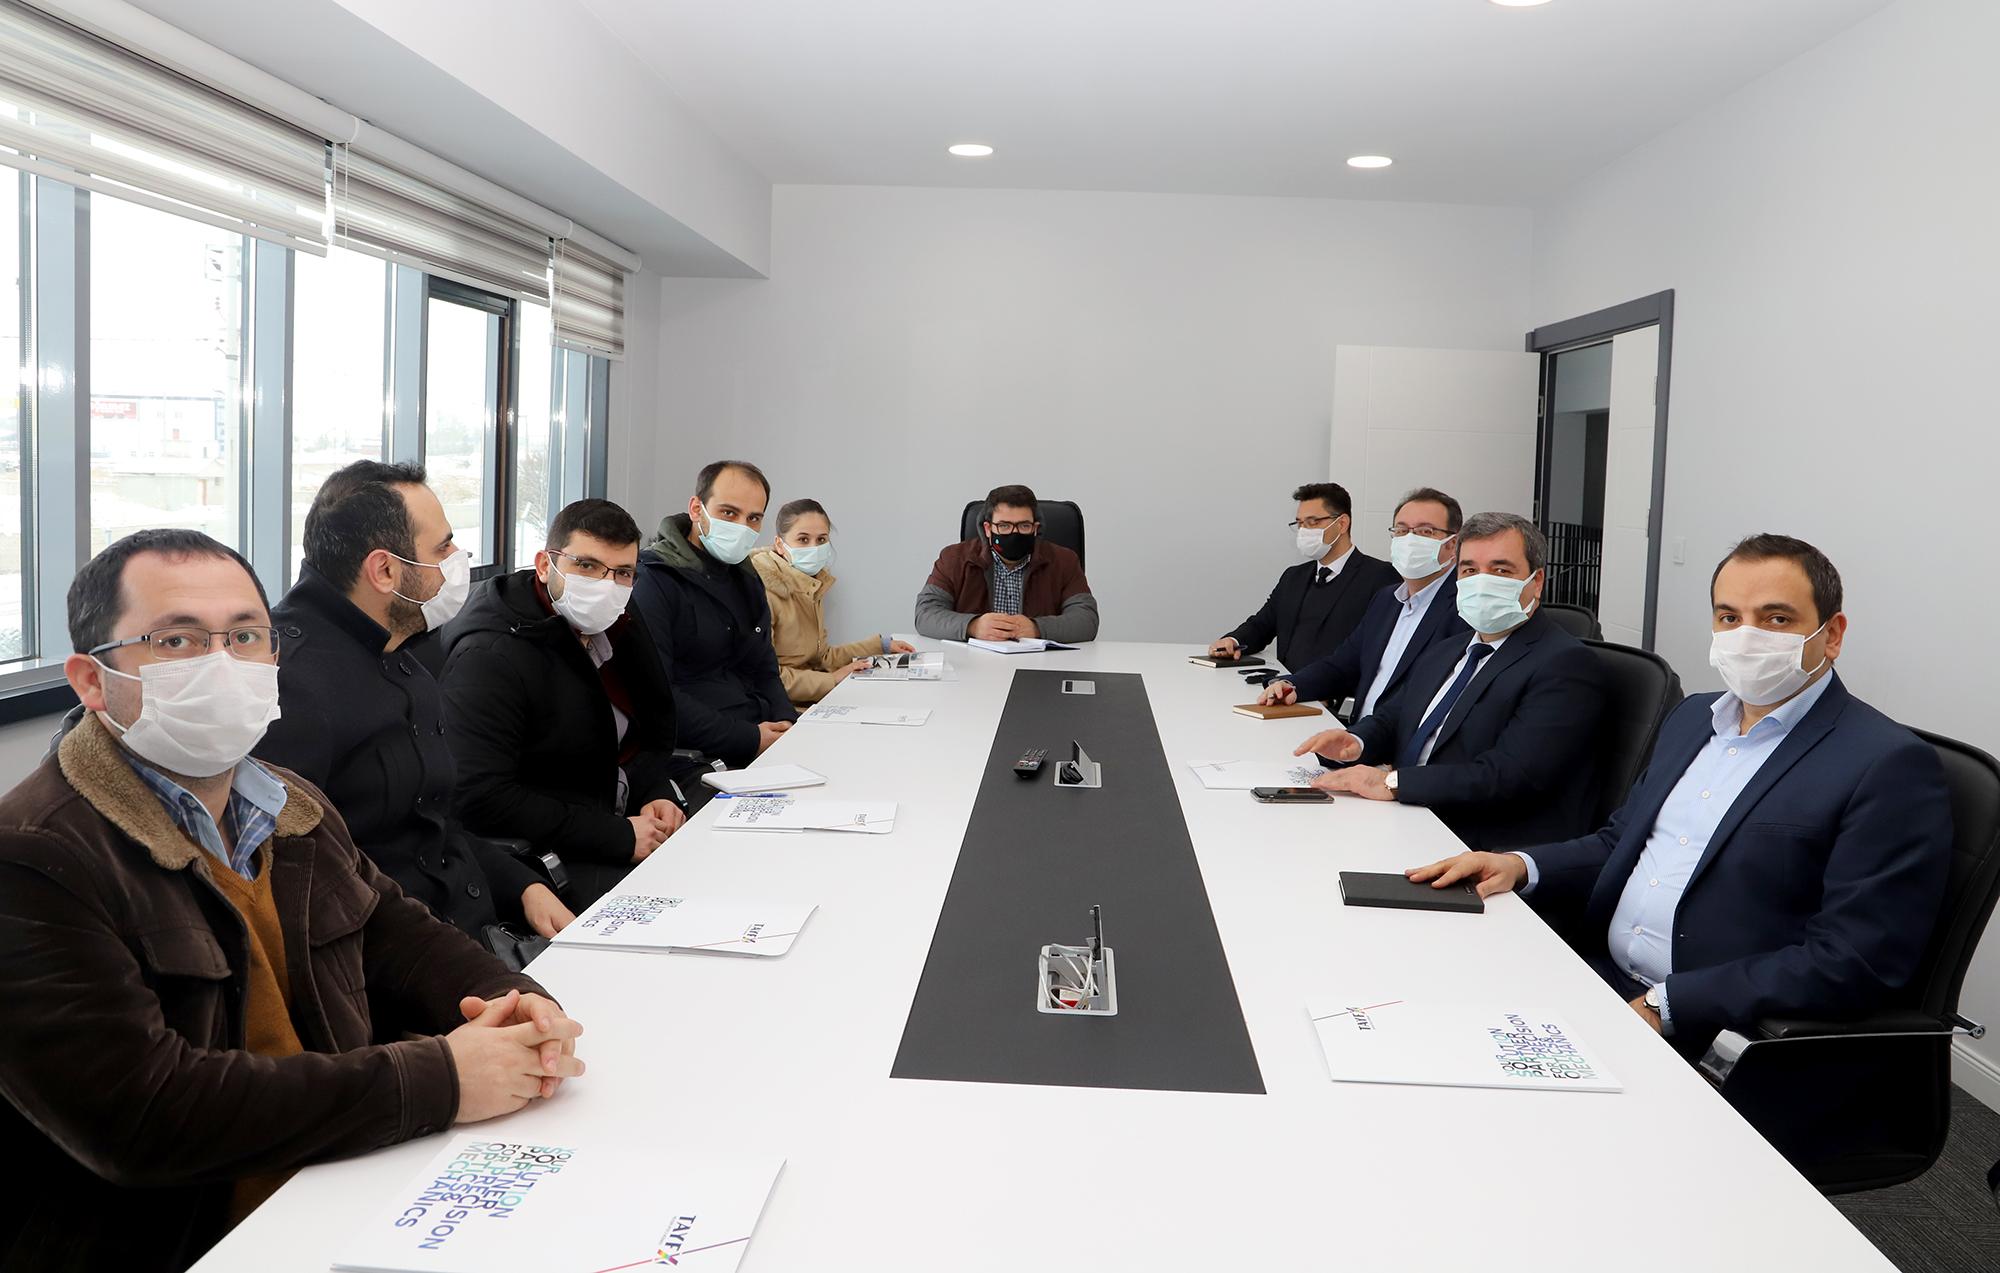 Rektörümüz Prof. Dr. Mehmet Kul ve Akademik Personelimizden TAYFX Hassas Optik Firmasına Ziyaret